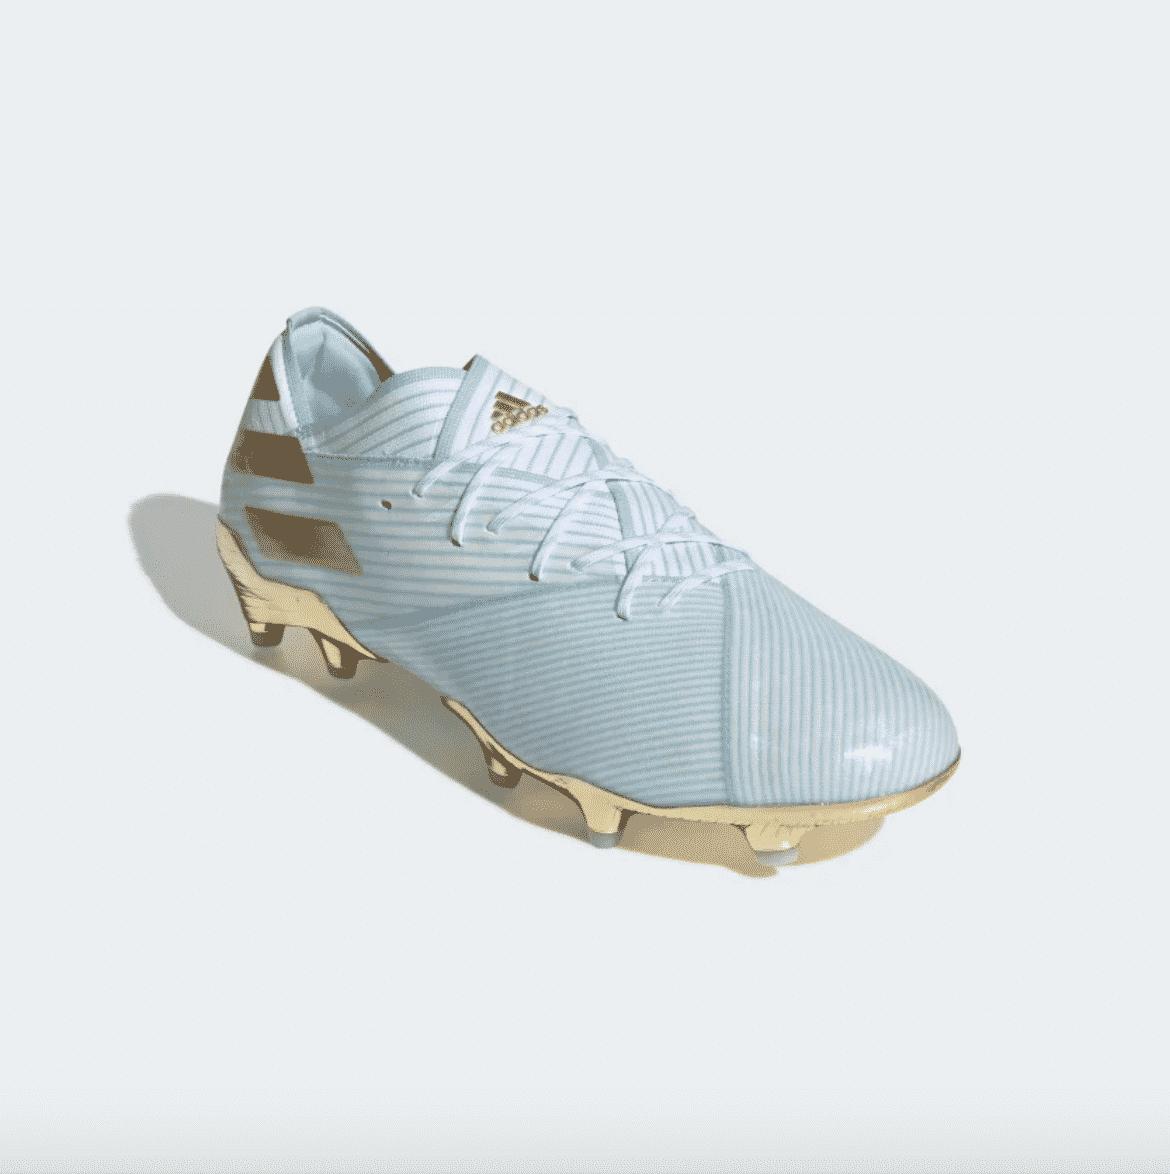 adidas-nemeziz-19.1-15-ans-de-carriere-lionel-messi-4